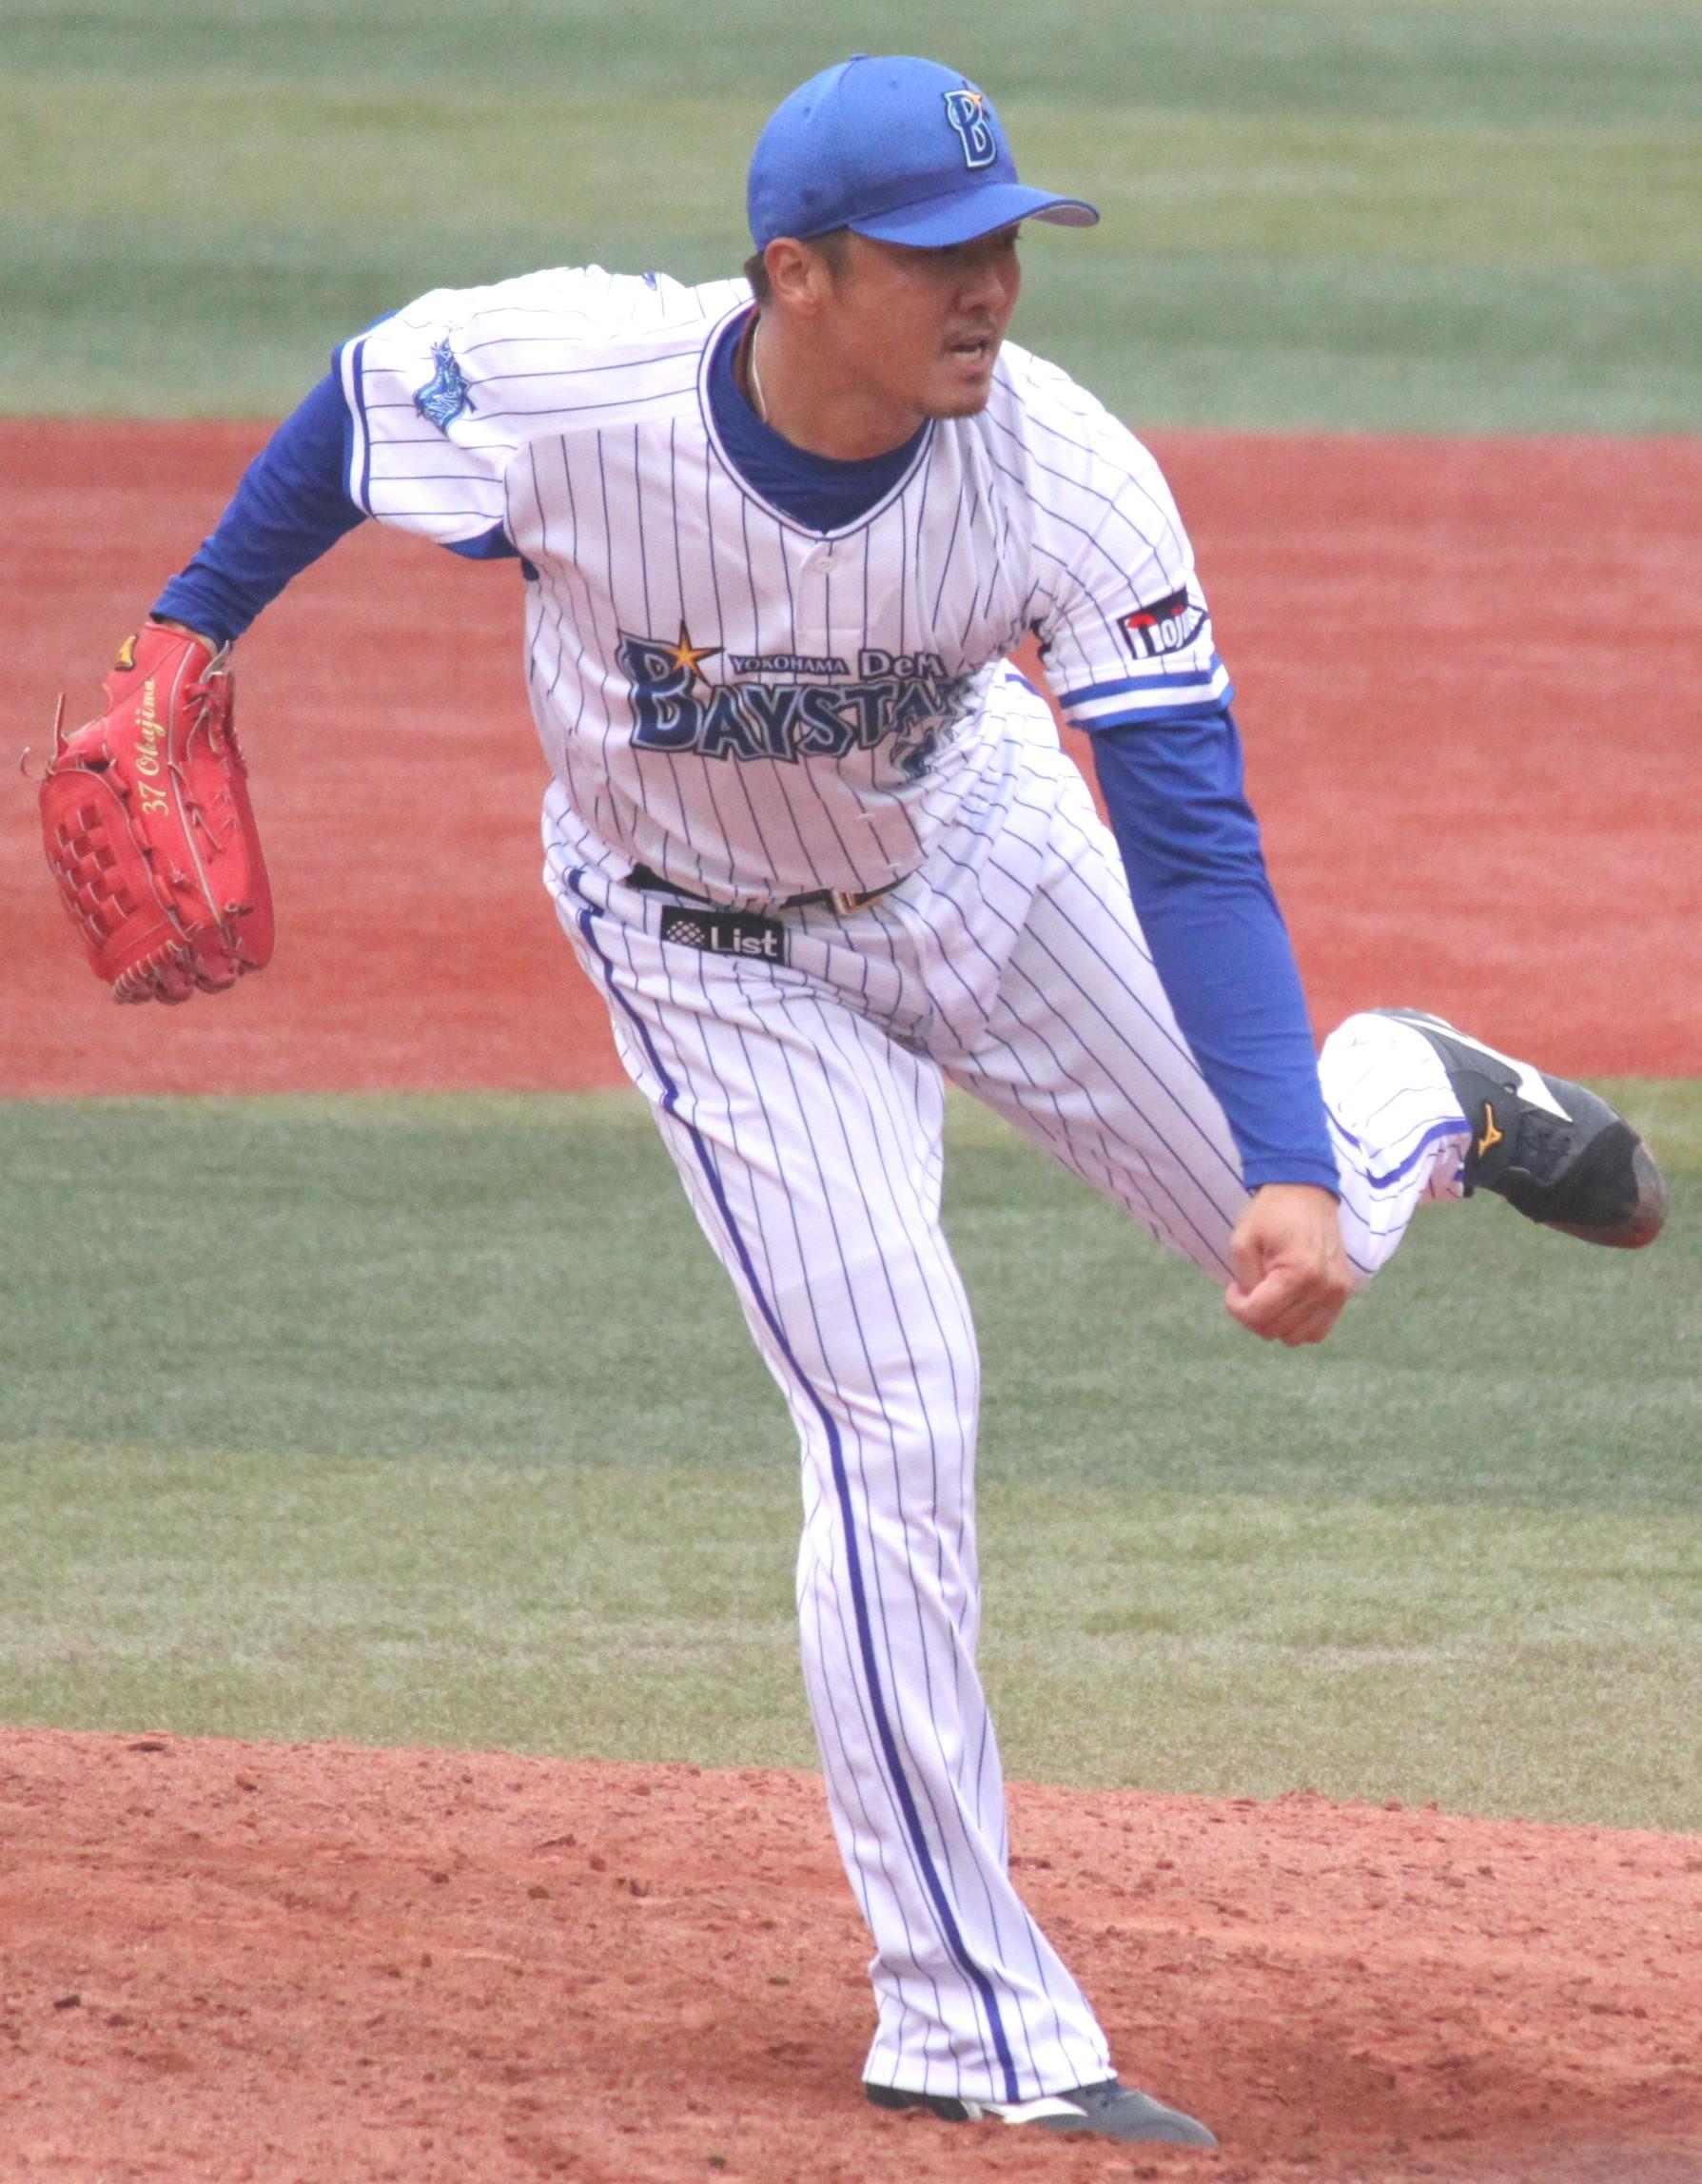 岡島秀樹 - Wikipedia